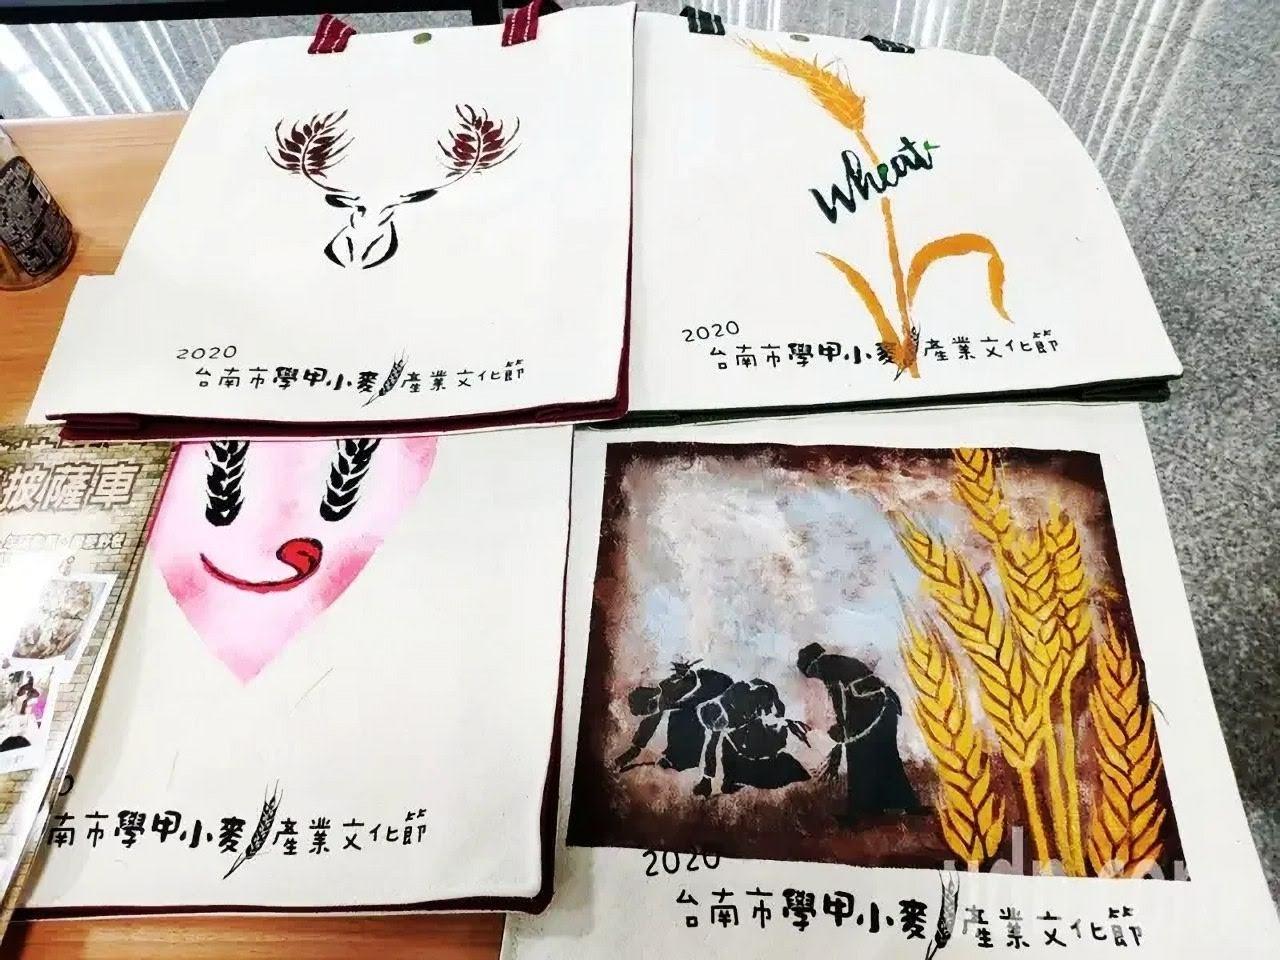 [活動] 「黃金小麥田」延續蜀葵花人氣|3/14唸戀學甲小麥文化節登場